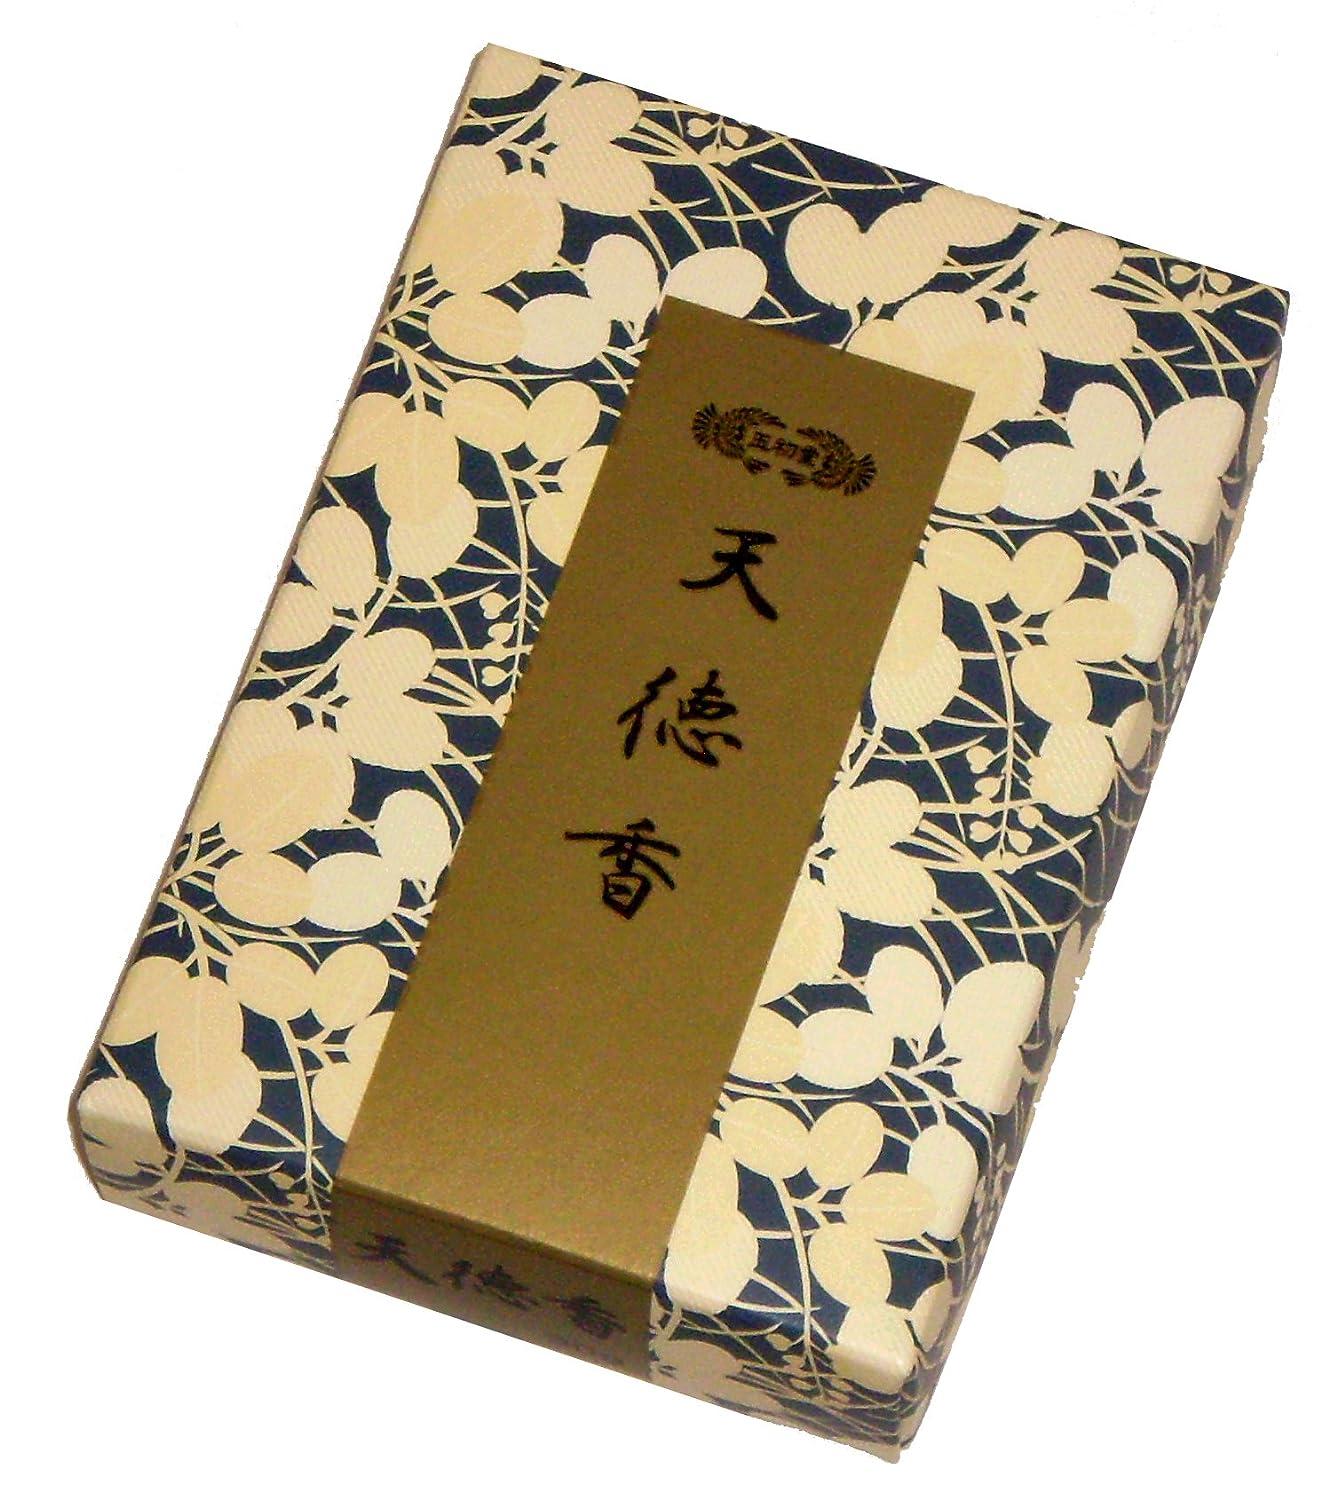 製油所大きい好きである玉初堂のお香 天徳香 30g #655